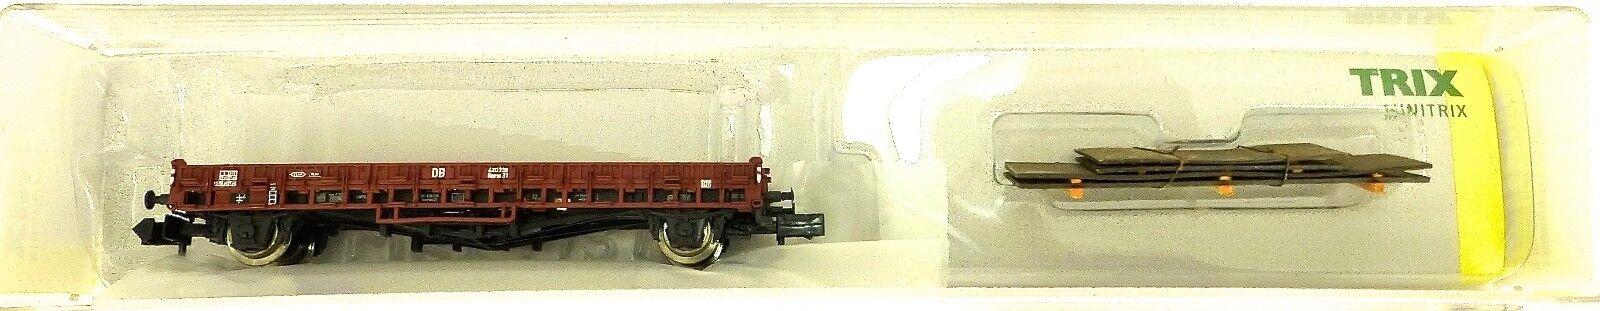 Minitrix 15411-03 Wagon Plat Stake car Trix N 1 160 Neuf Emballage Scellé HS3 Å